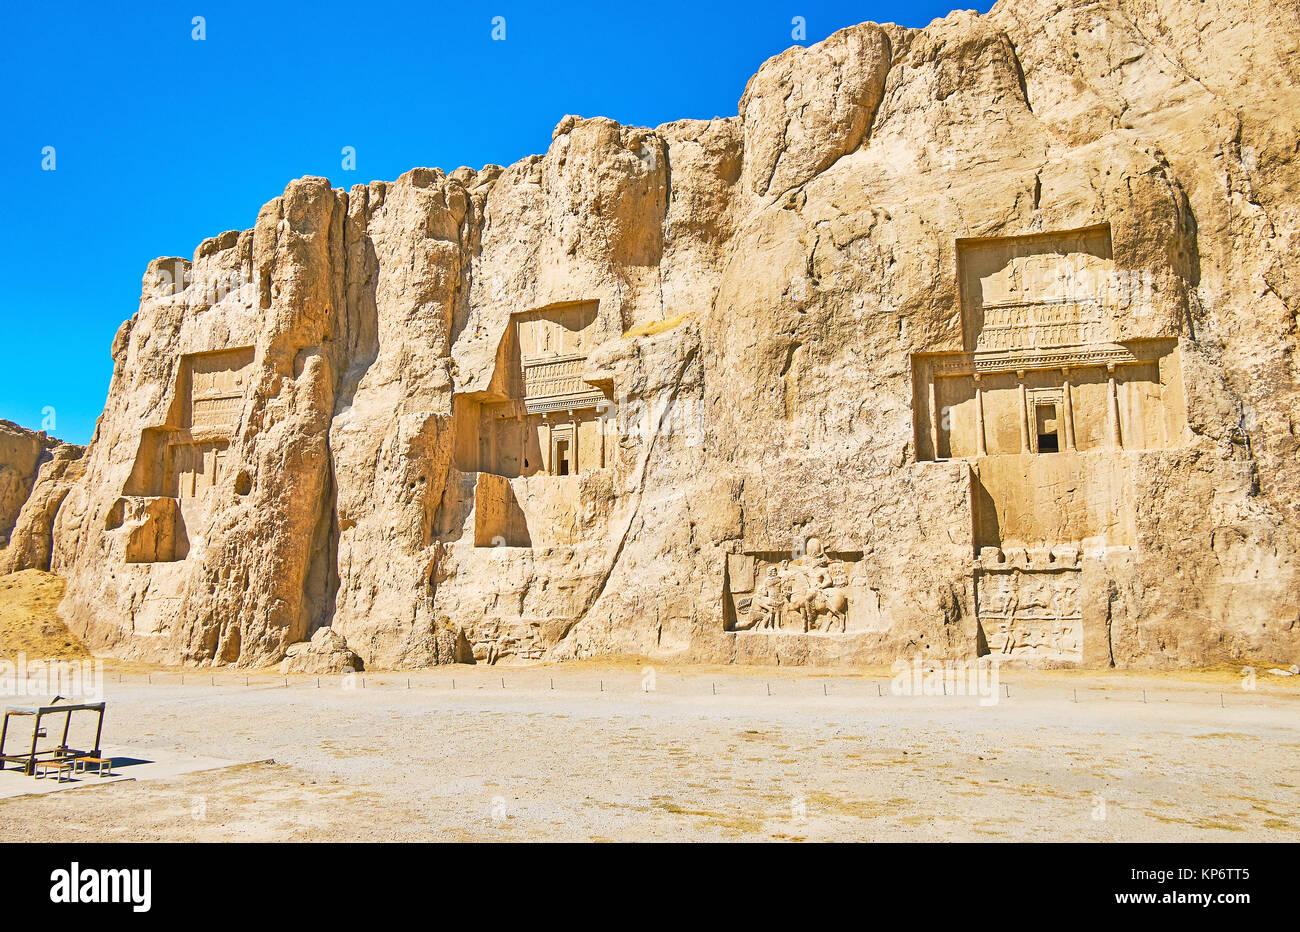 Las tumbas de los reyes de la dinastía aqueménida de Persia están tallados en el acantilado rocoso en Naqsh-e Rustam, Foto de stock